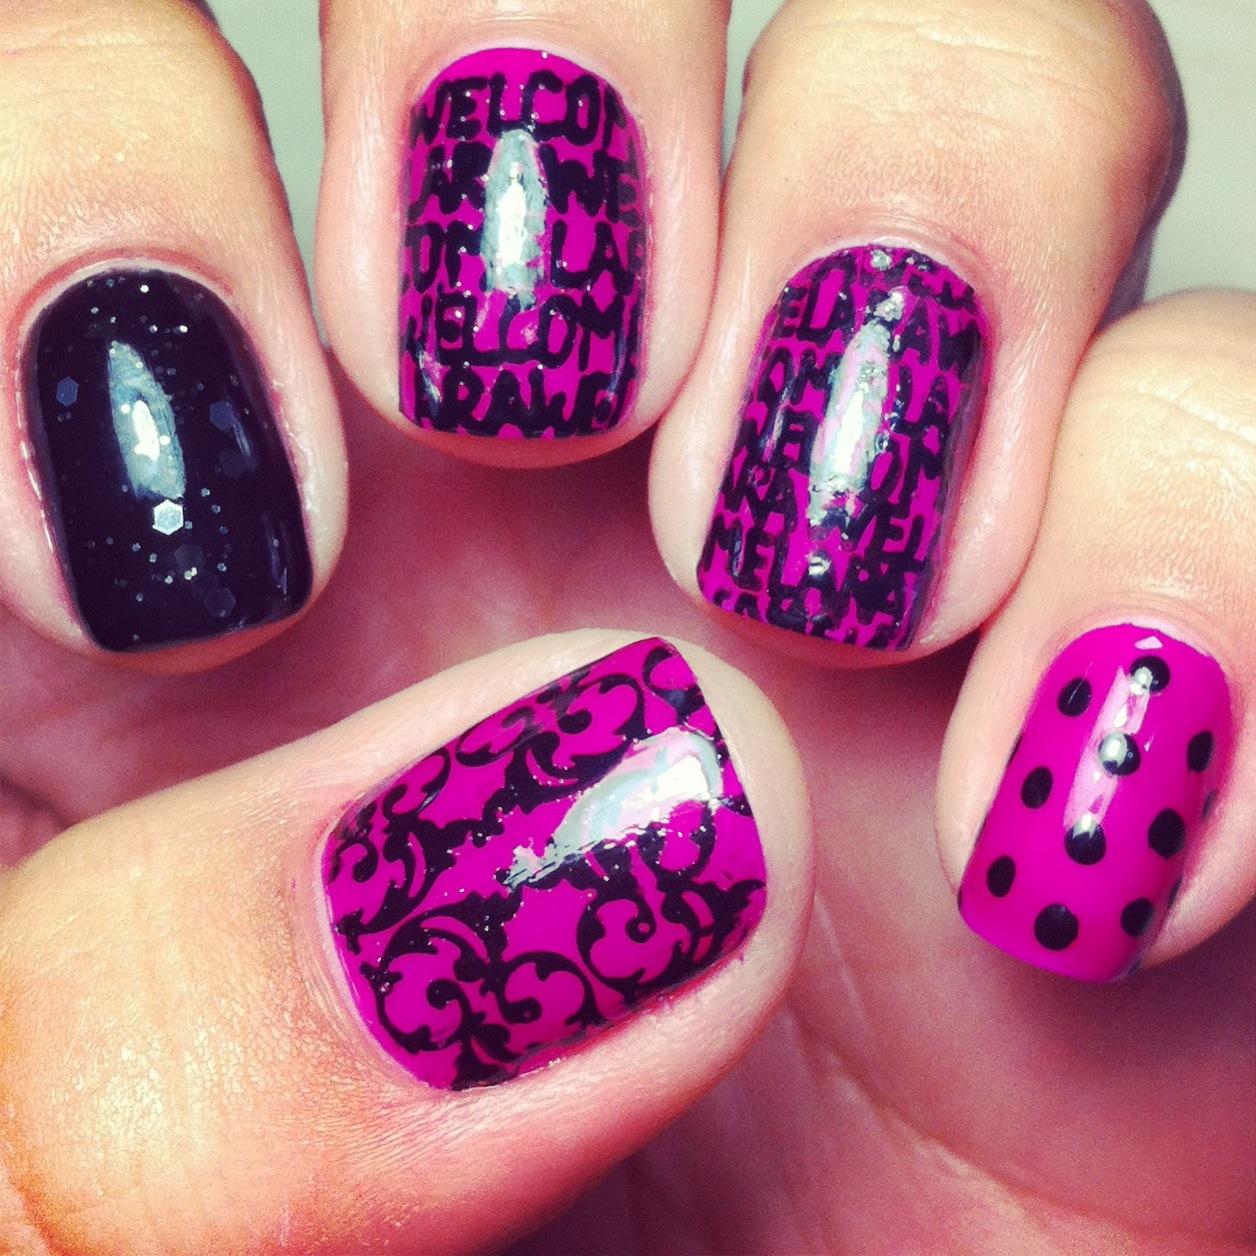 Carimbos e esmaltes: Faça Nail art em casa!